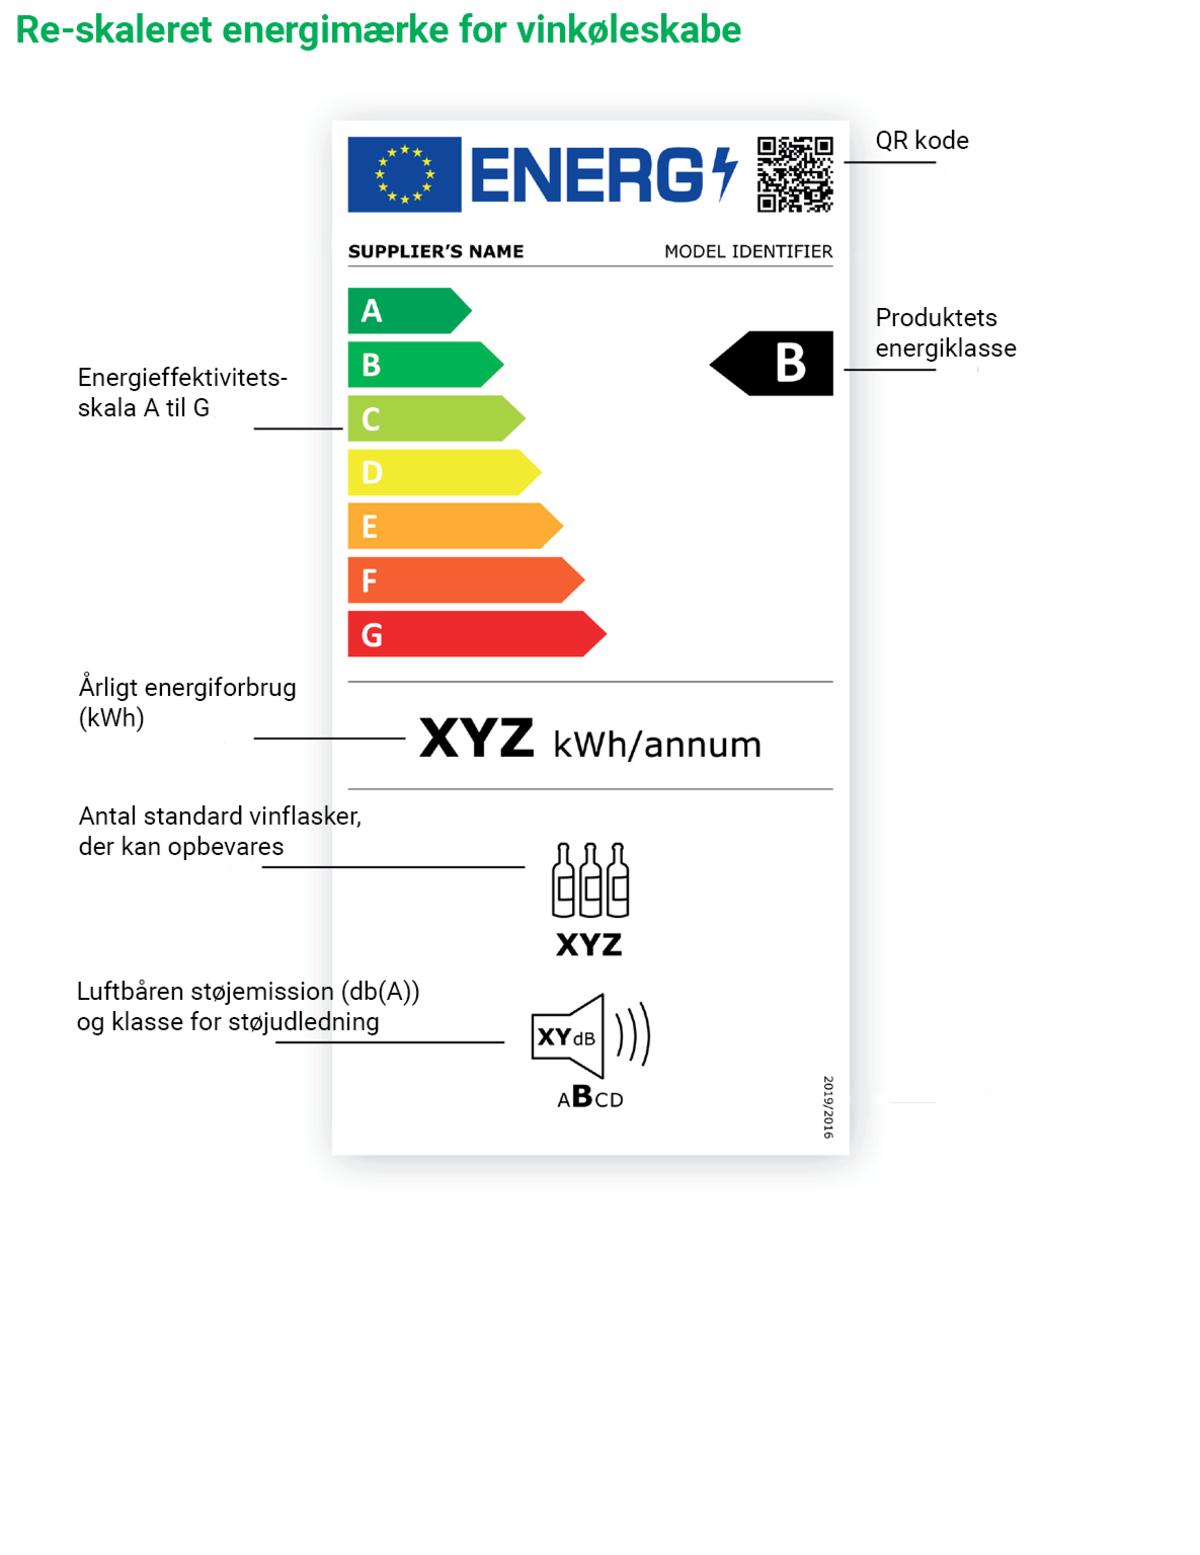 Energimærkning vinkøleskabe